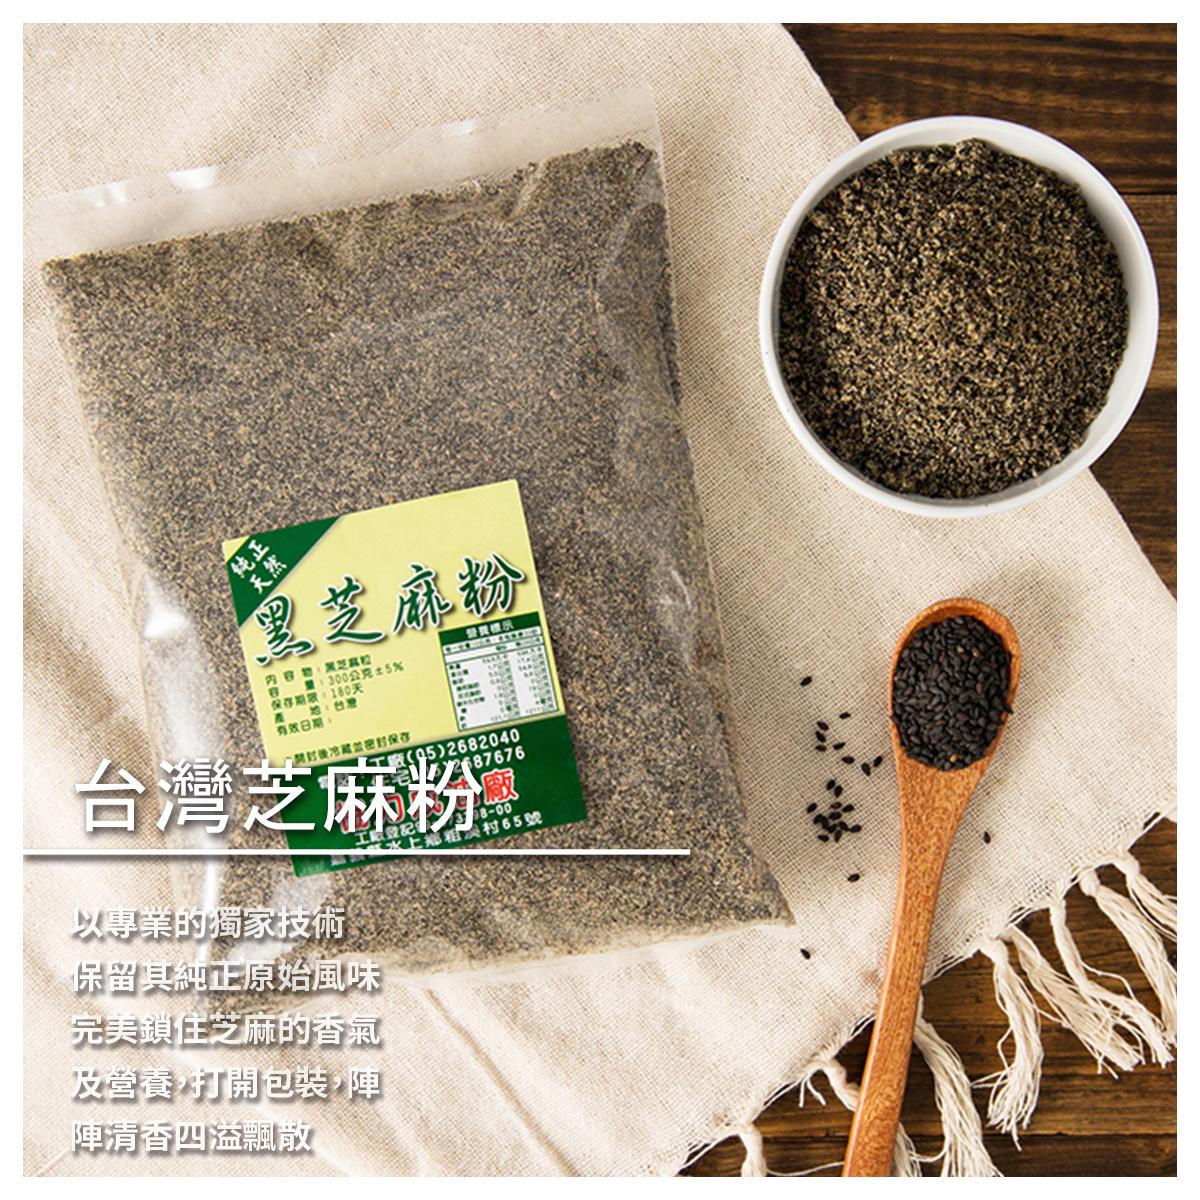 【協力成油廠】台灣芝麻粉 300g